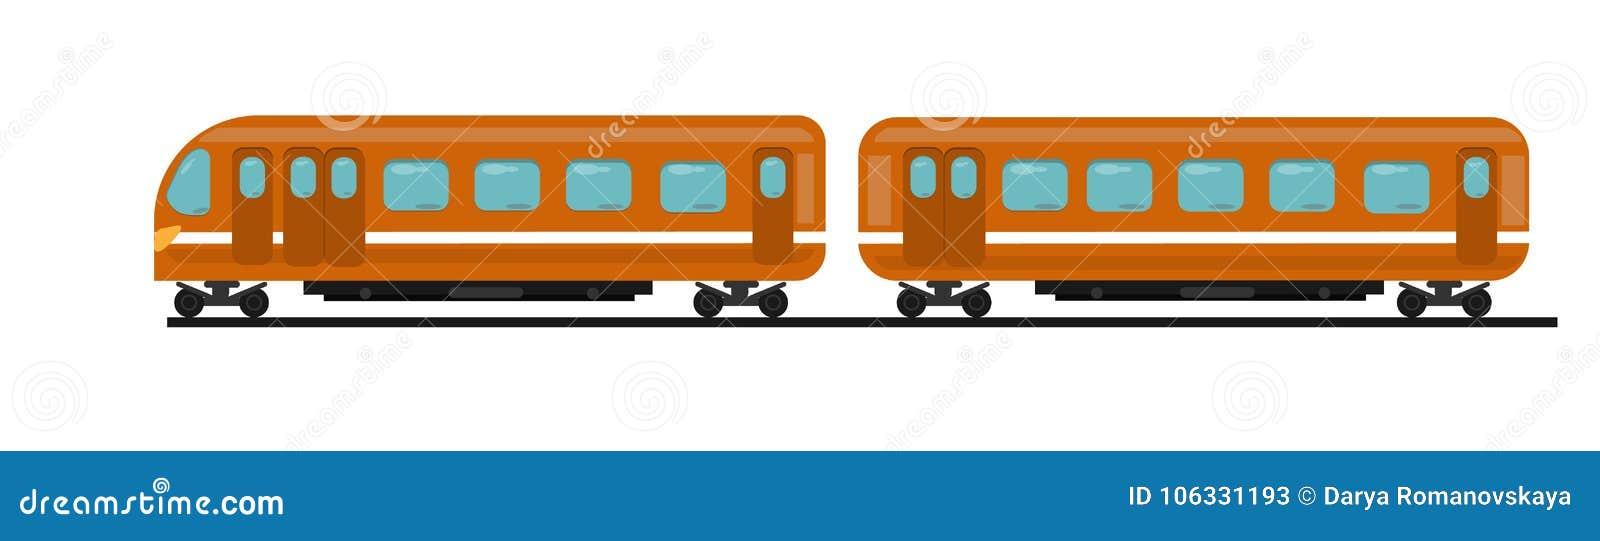 Passagierstrein van oranje kleur van twee auto s op sporen